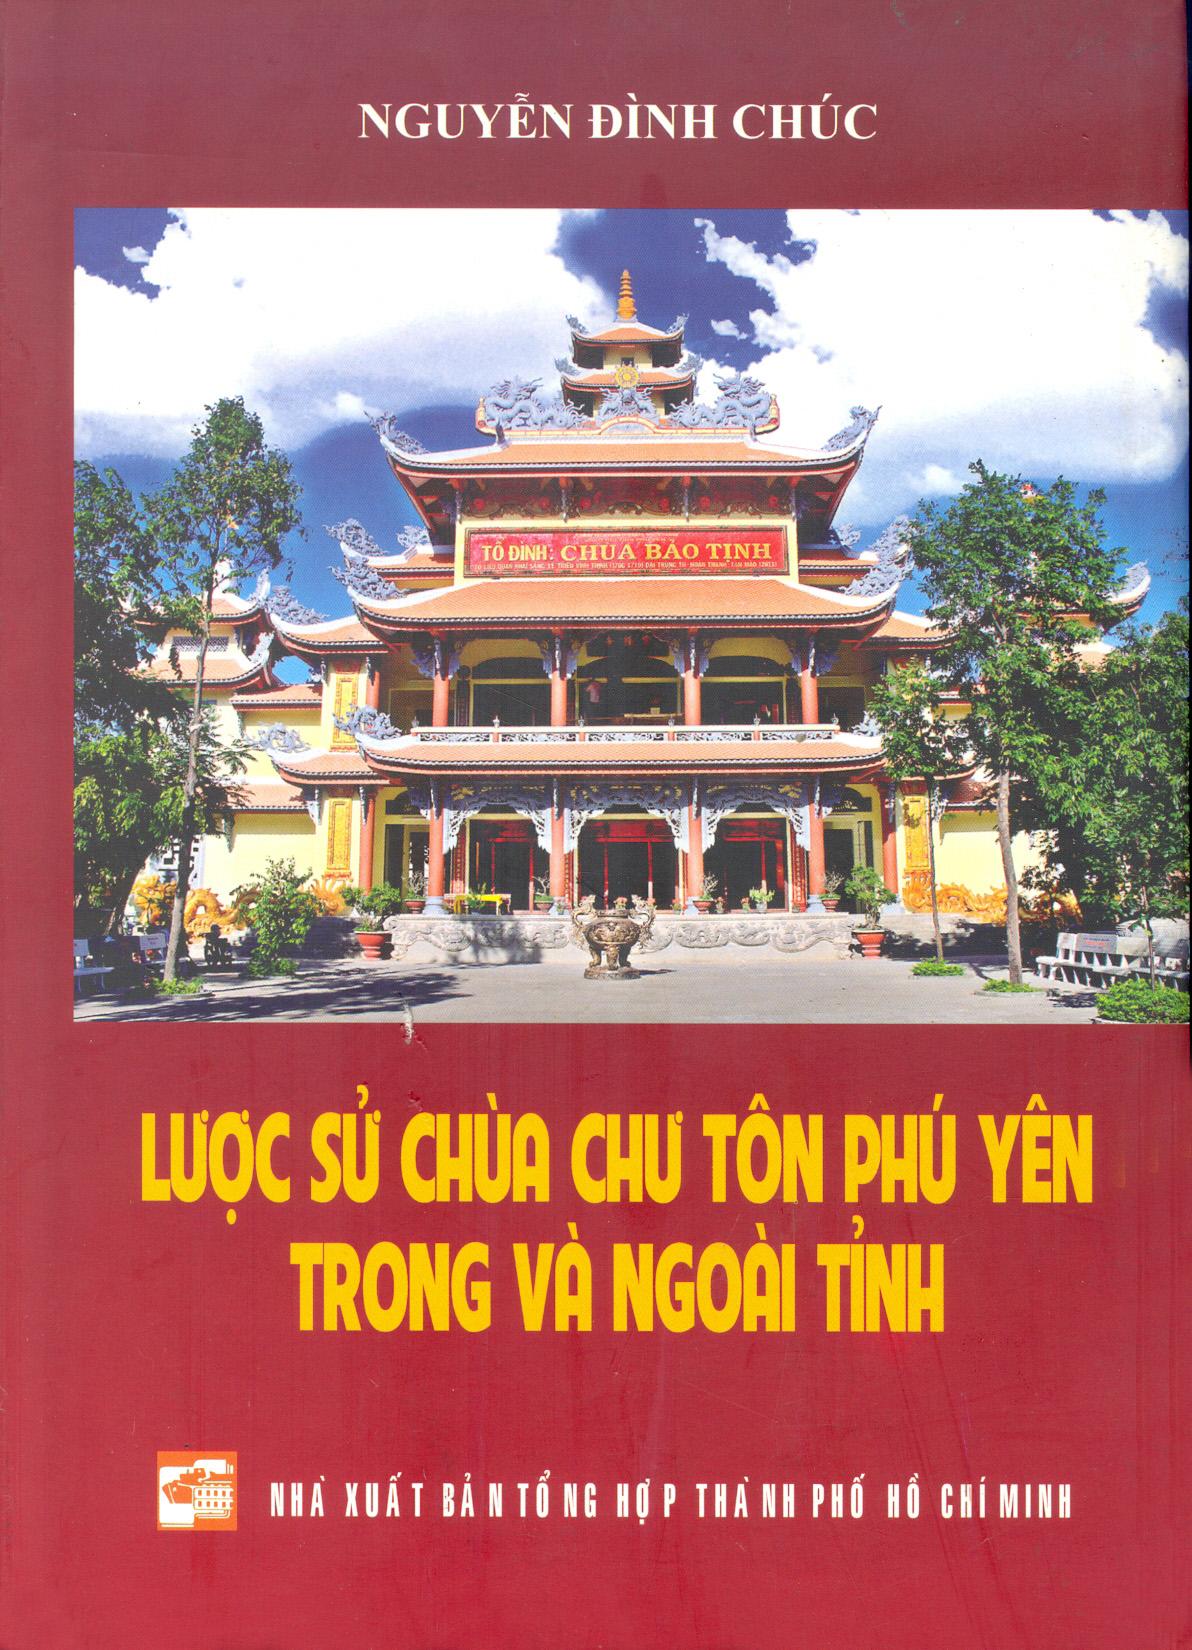 Lược sử chùa Chư Tôn Phú Yên trong và ngoài tỉnh